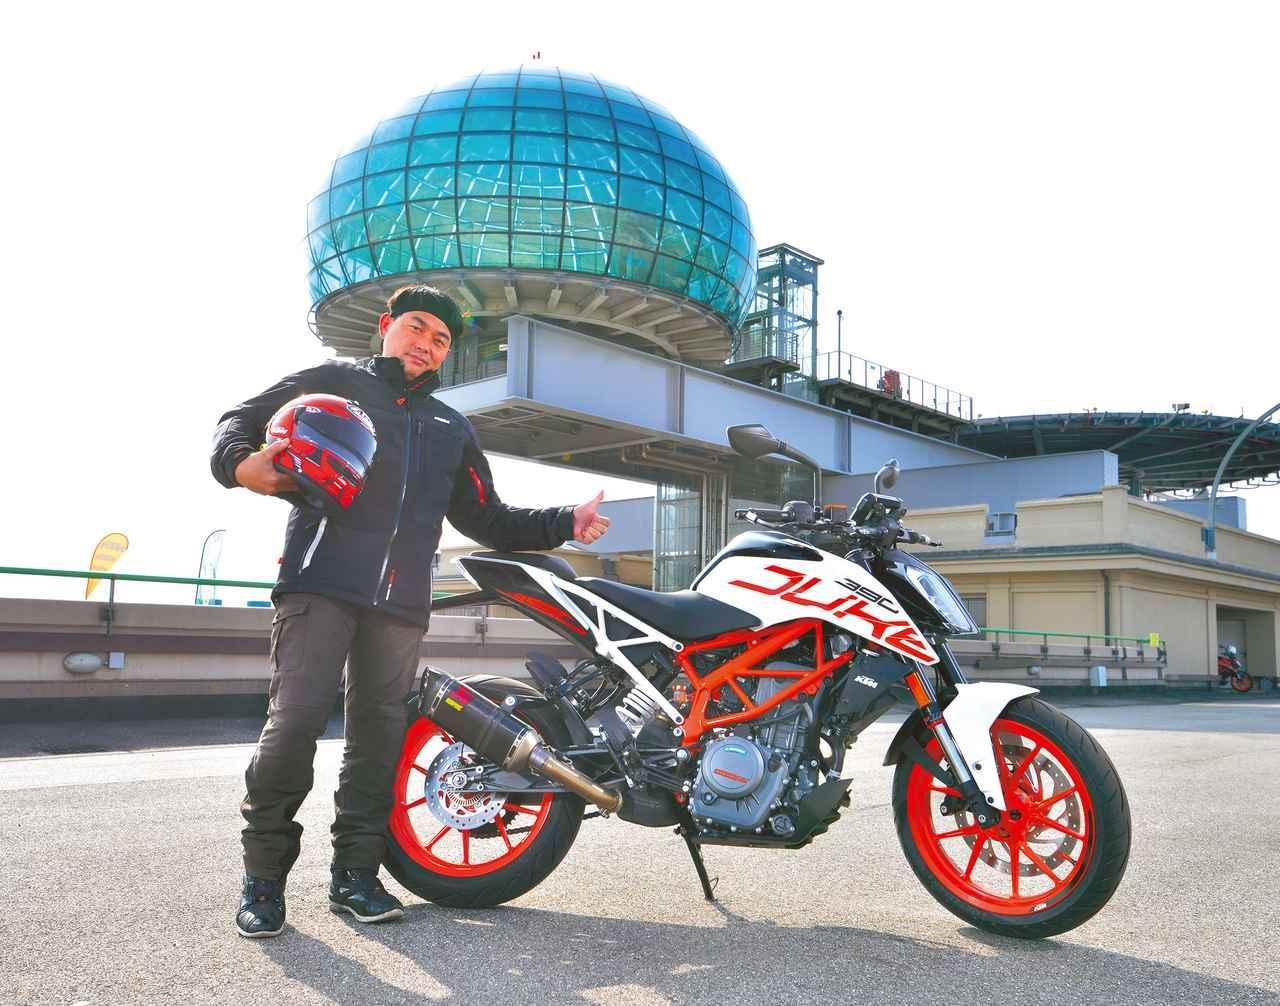 画像: Wrtier Kazuhiko Yokota. 32 years experience on various motorcycles with touring and racing www.autoby.jp